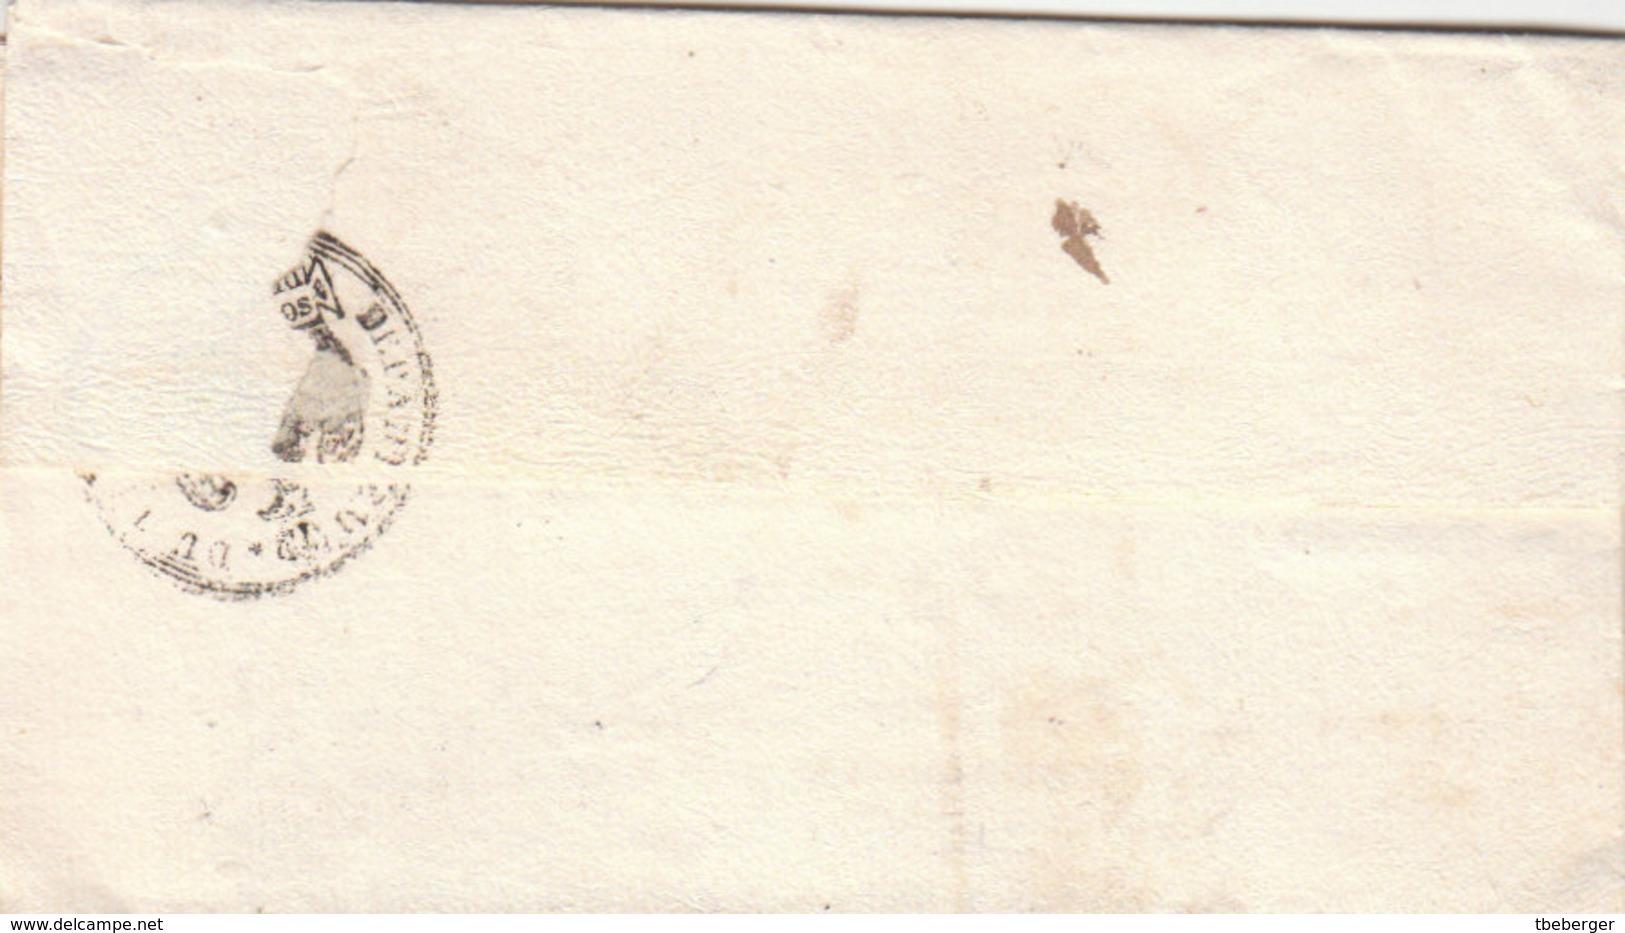 France Italia Dept Conquis Rome Entier 116 VELLETRI Sotto Prefetto Pour Maire Di Sermoneta Latina 1811 (q32) - Marcophilie (Lettres)